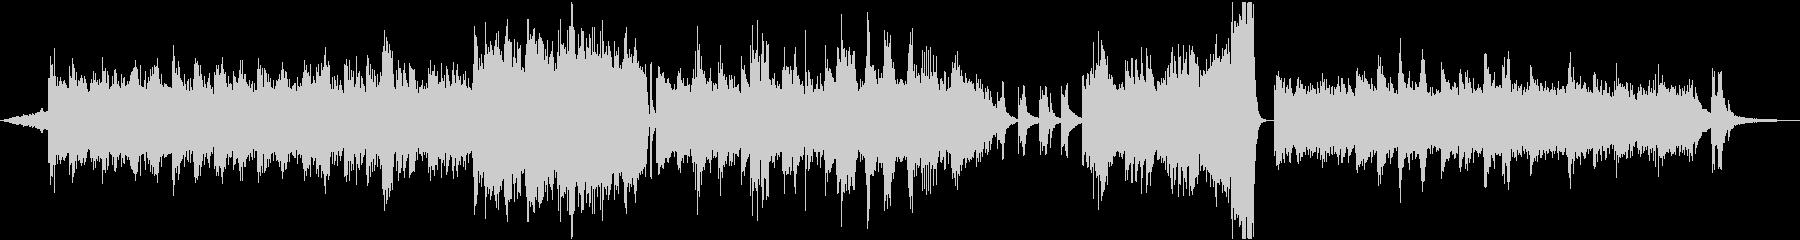 冬 幻想的なアンビエント シンセとピアノの未再生の波形